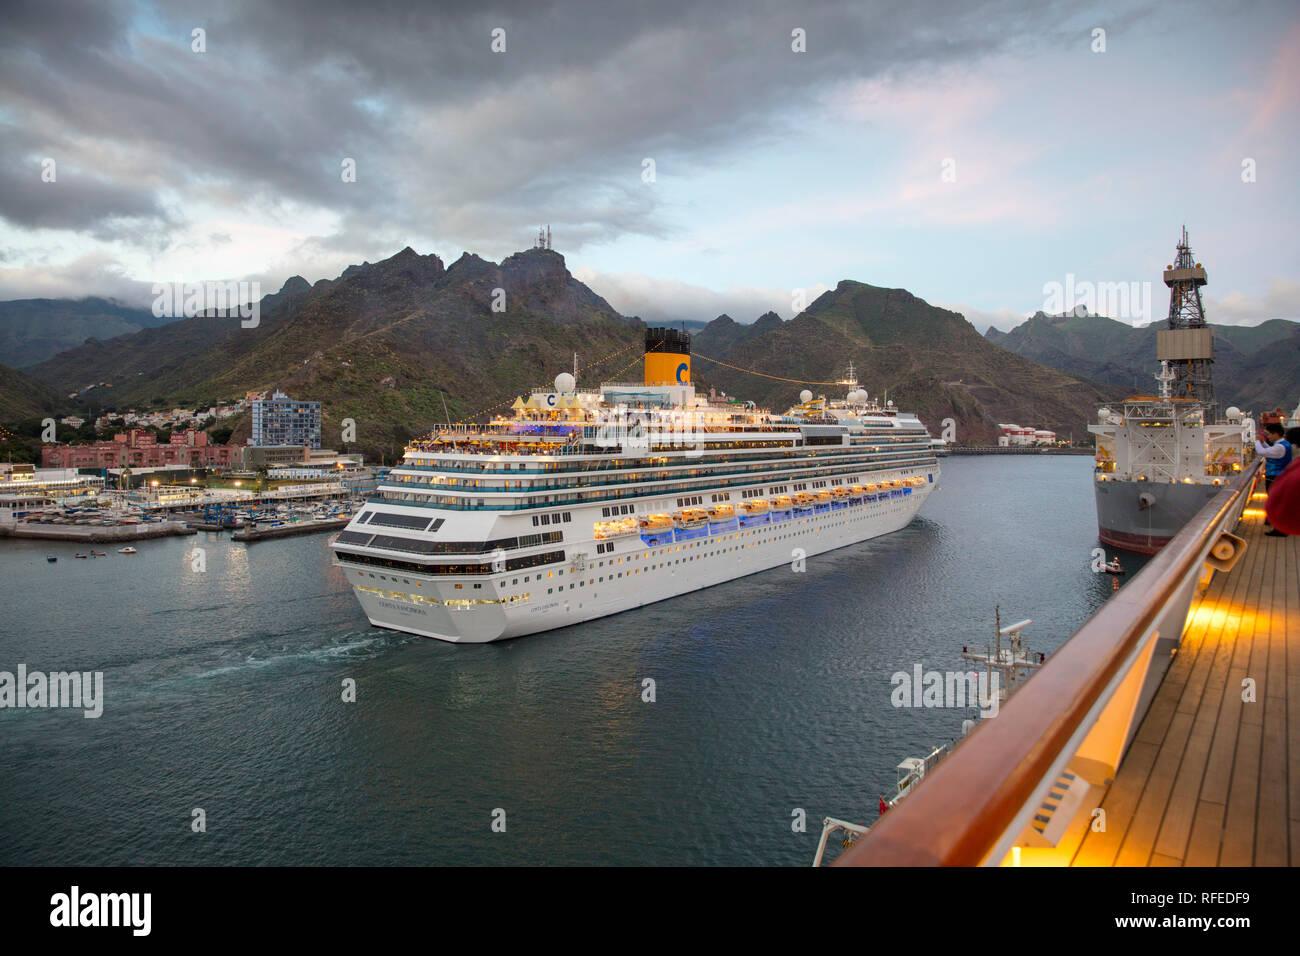 L'Espagne, Iles Canaries, Tenerife, Santa Cruz de Tenerife. Port, port. Bateau de croisière Costa Fascinosa quitte le port. Banque D'Images